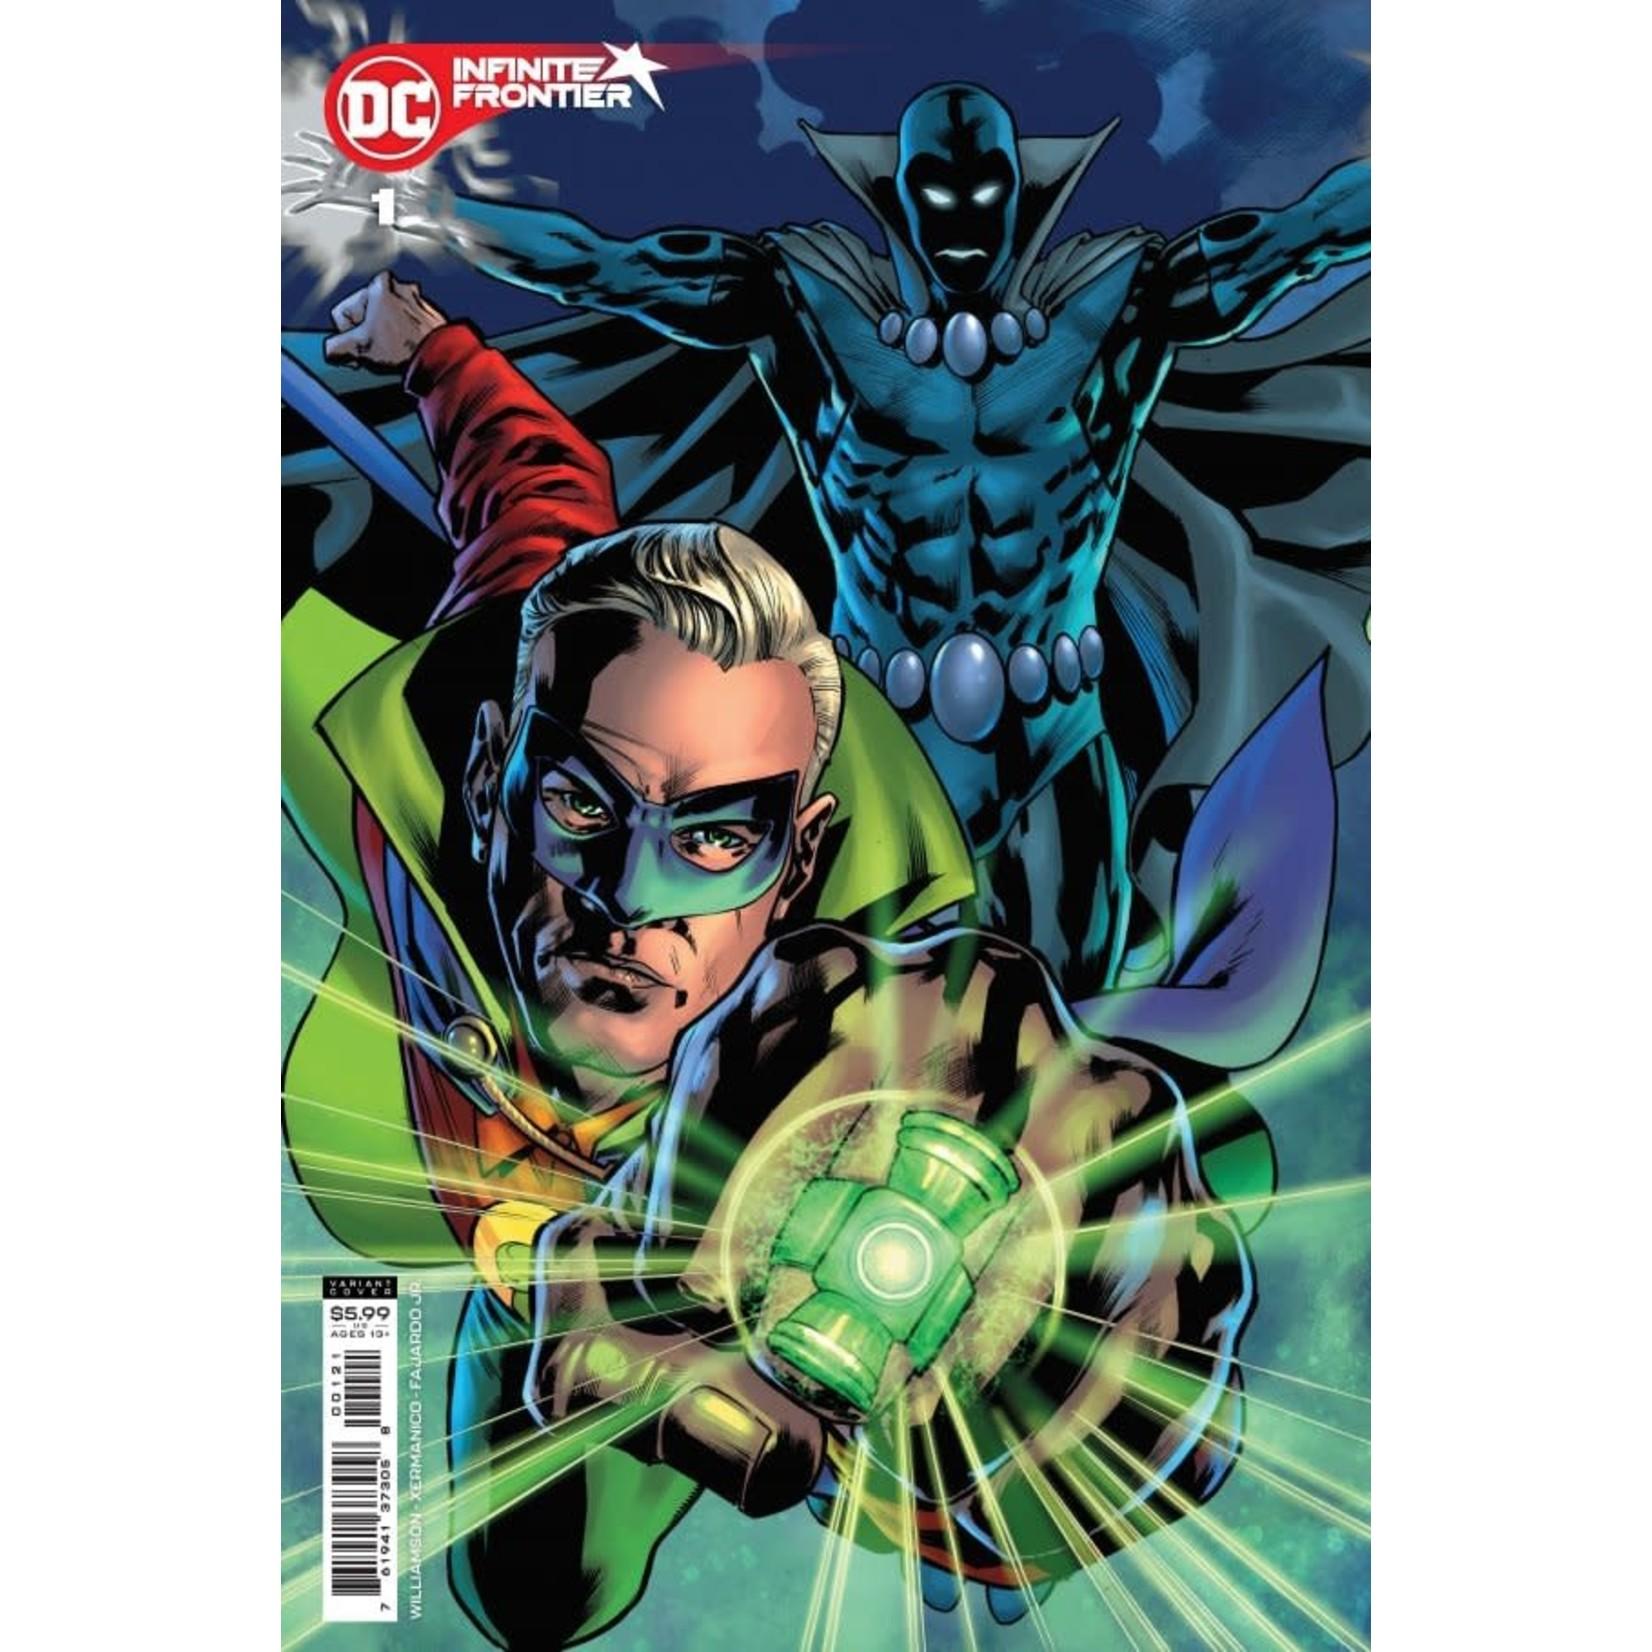 DC Comics Infinite frontier #1 variant